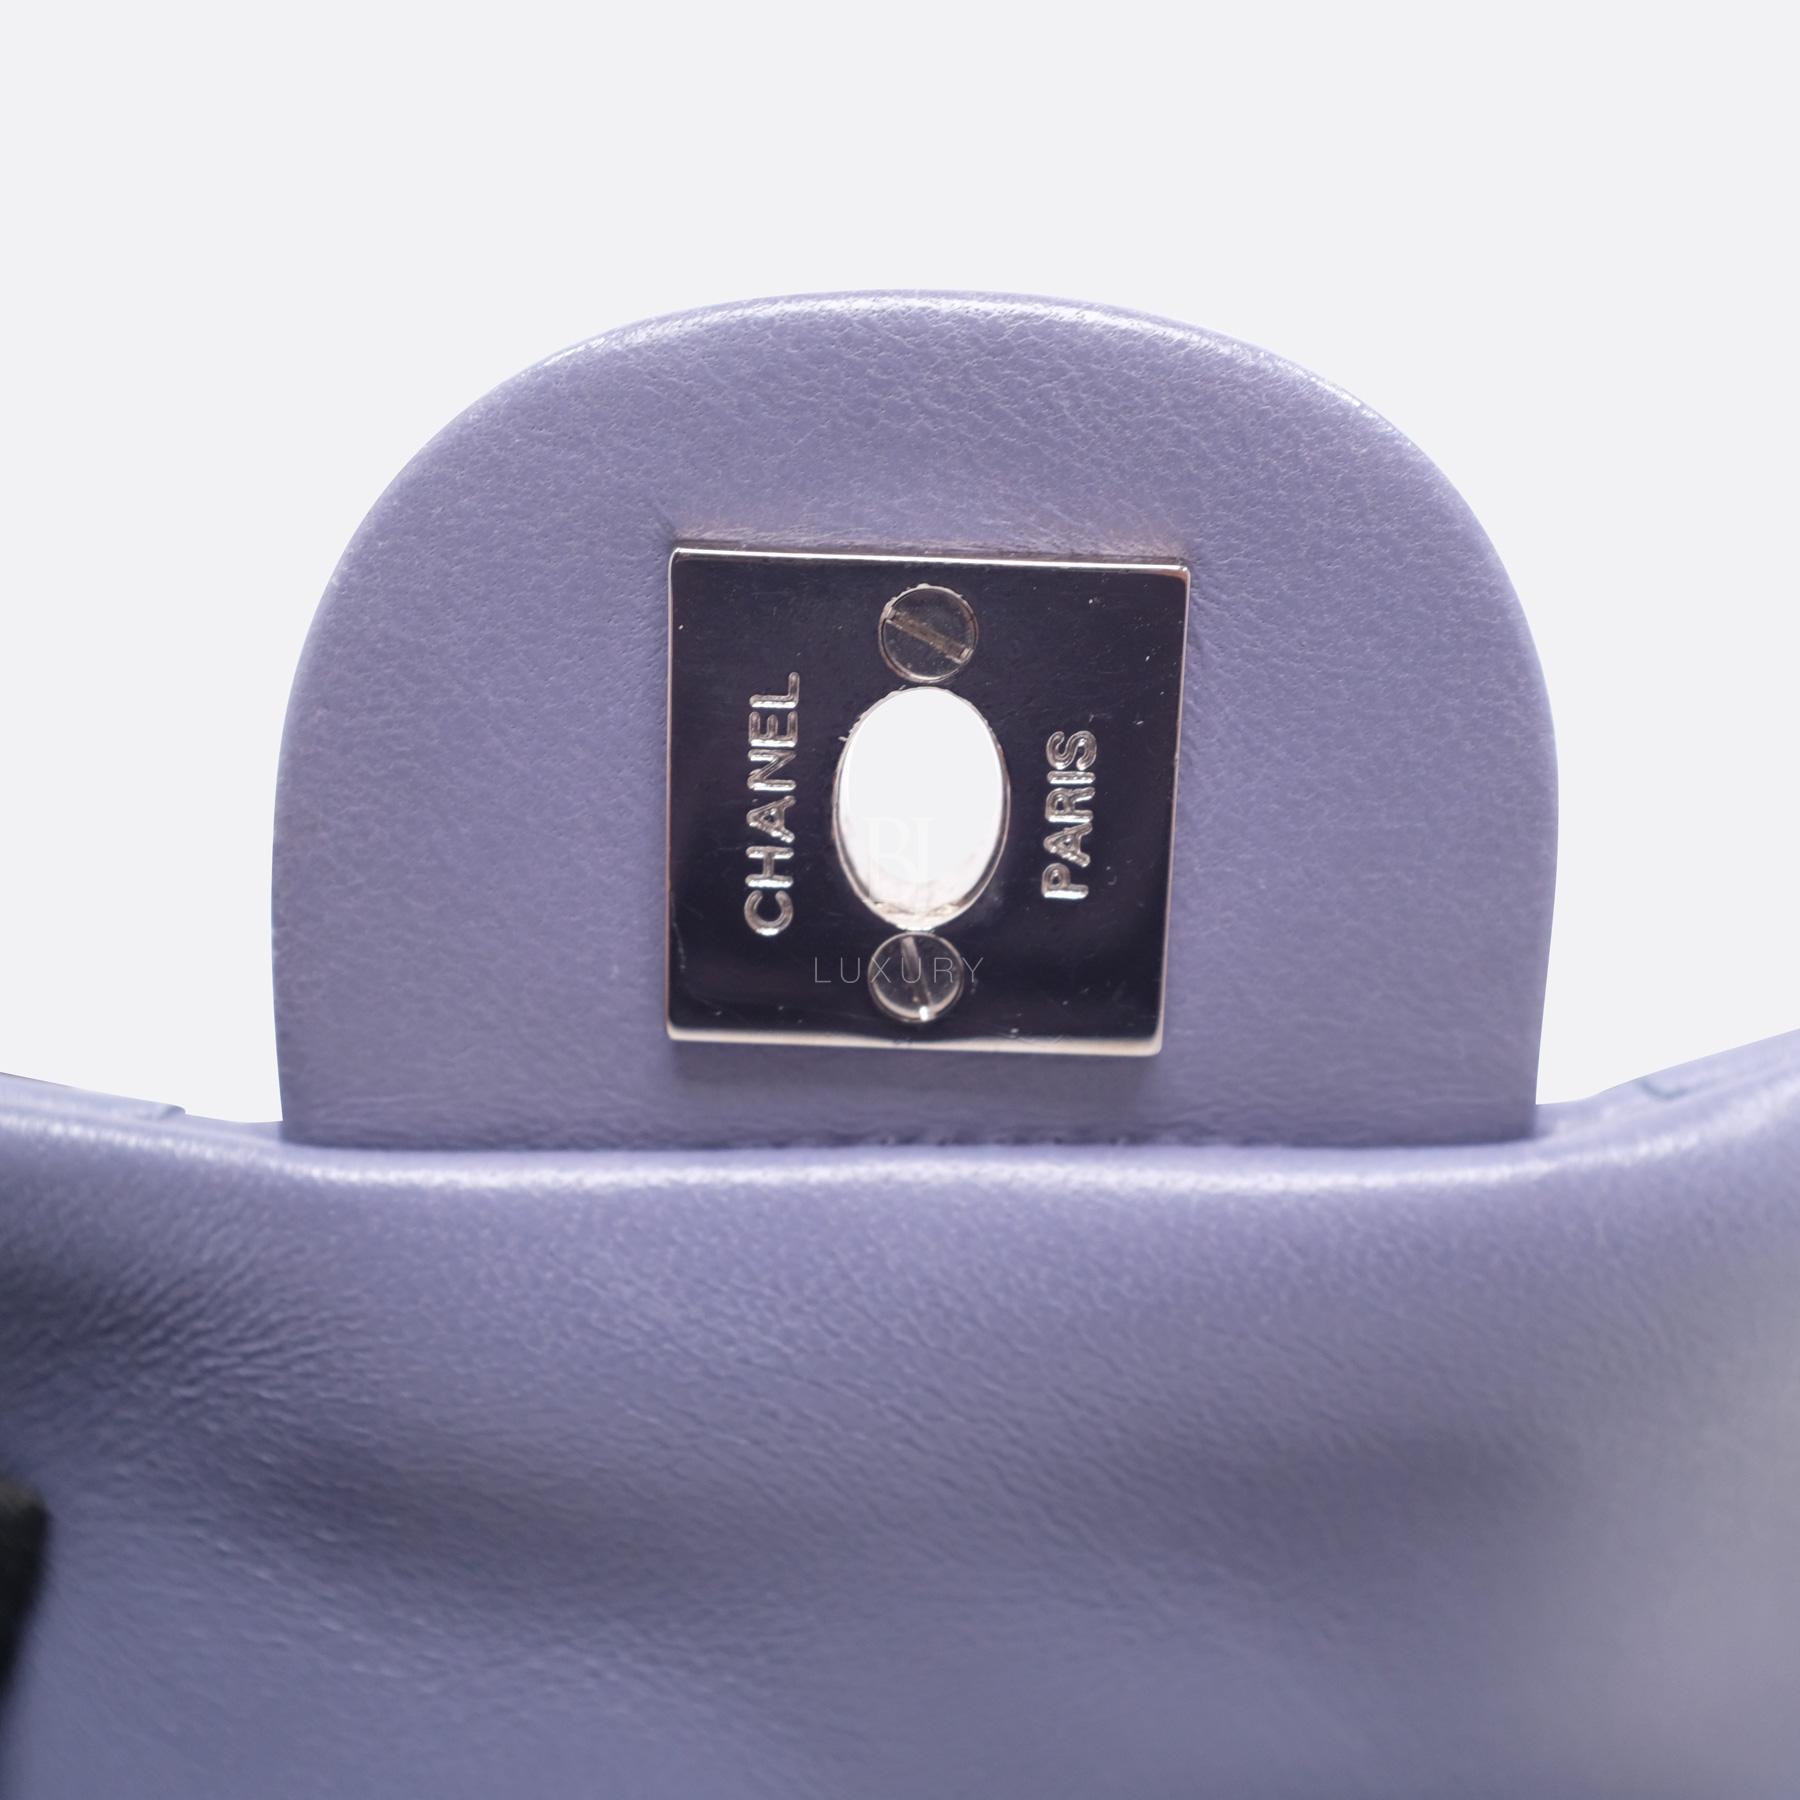 CHANEL-FLAPBAG-MINI-LILAC-LAMBSKIN-DSCF8156.jpg